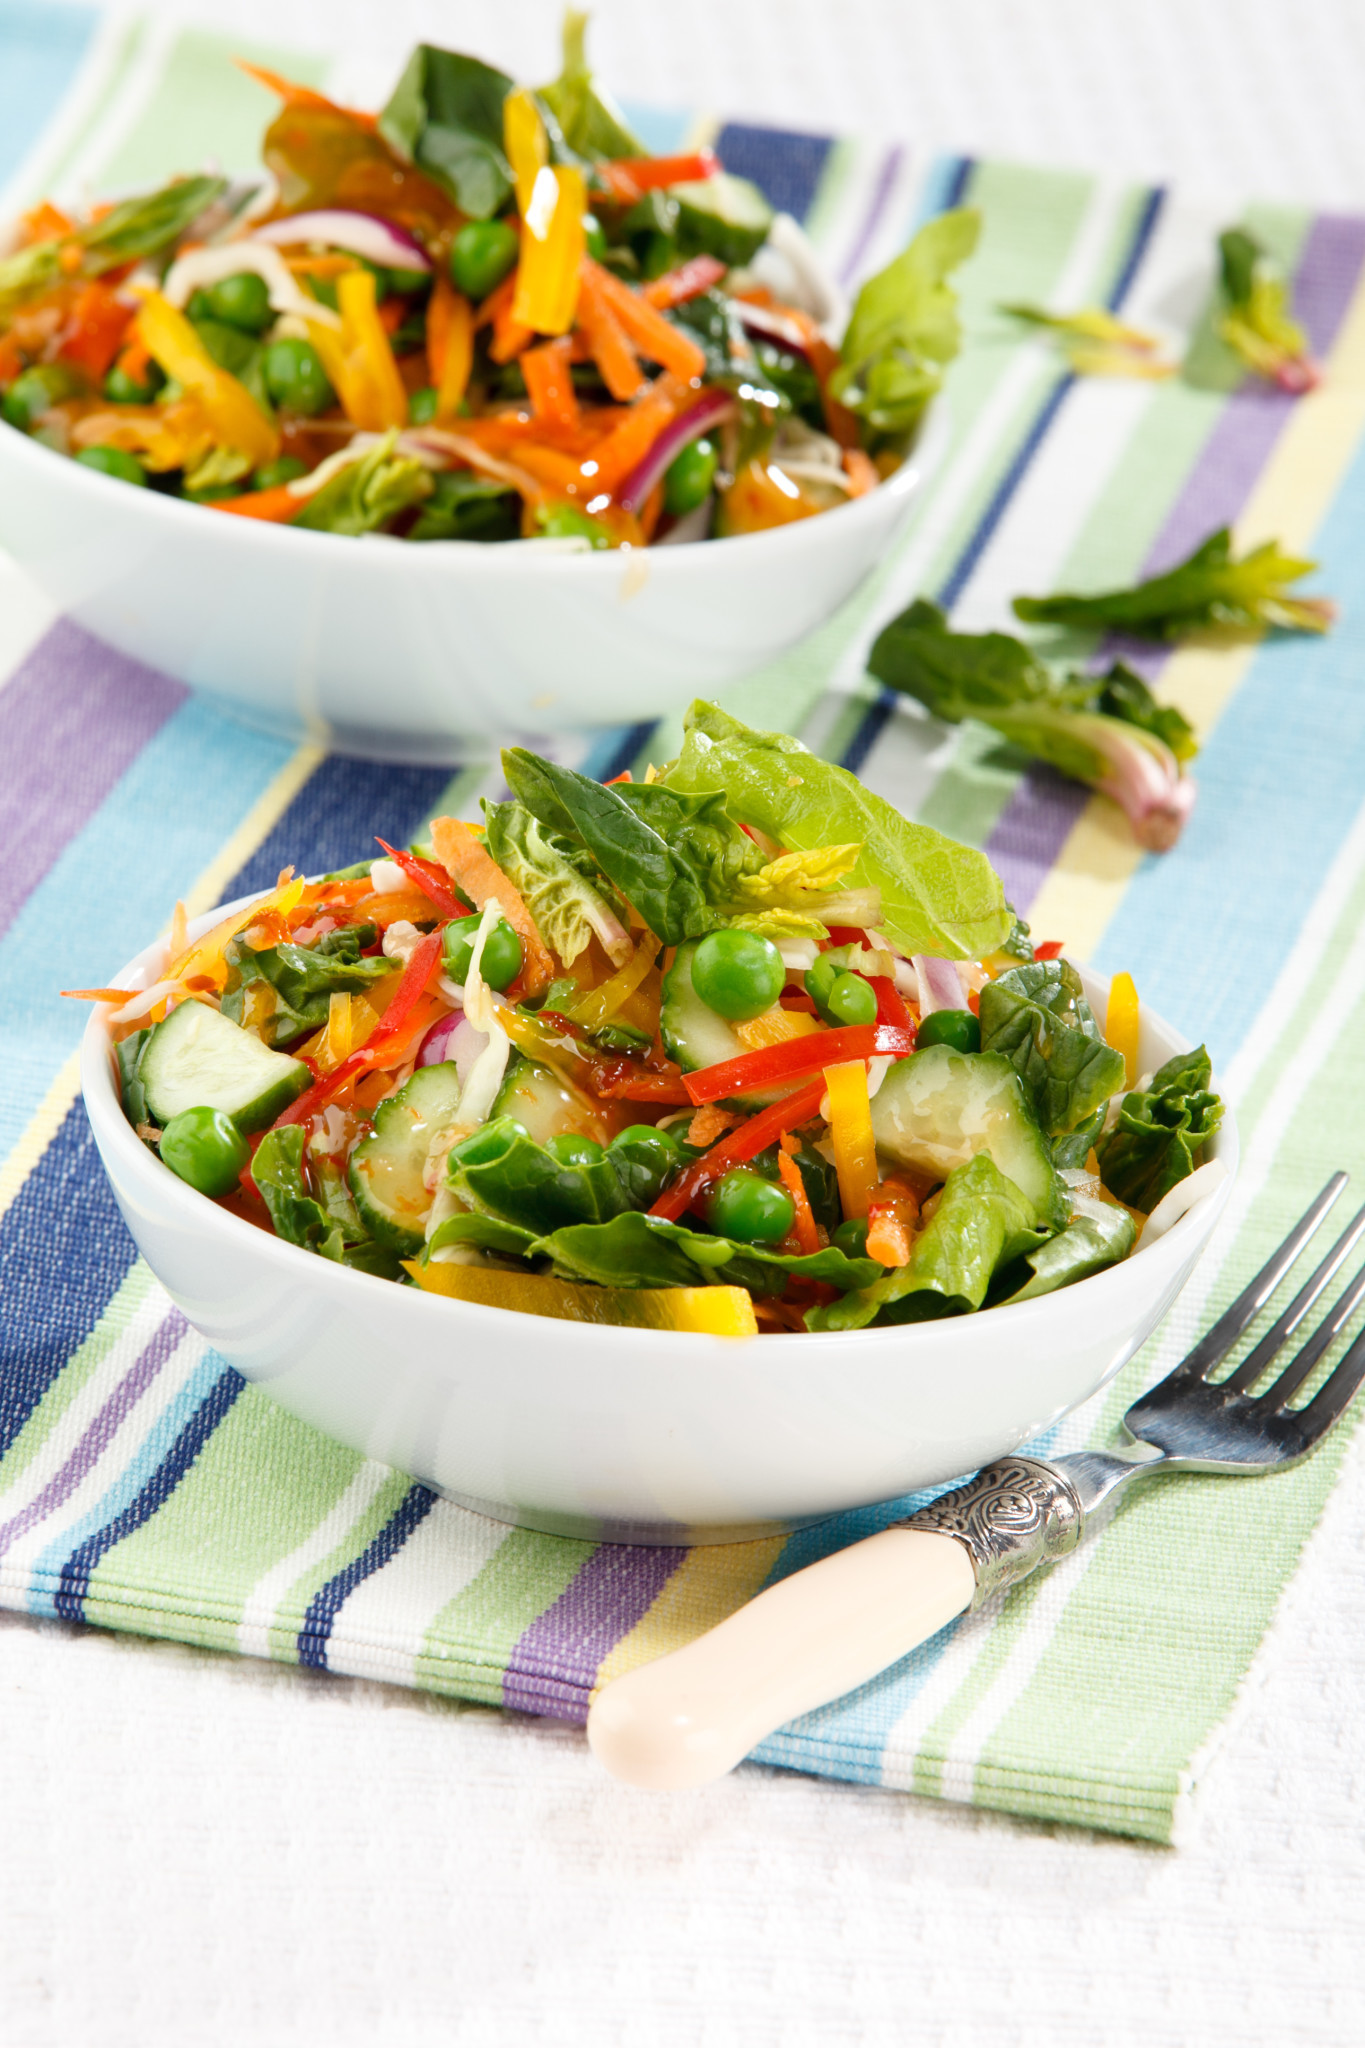 Салат витаминный с медовым соусом